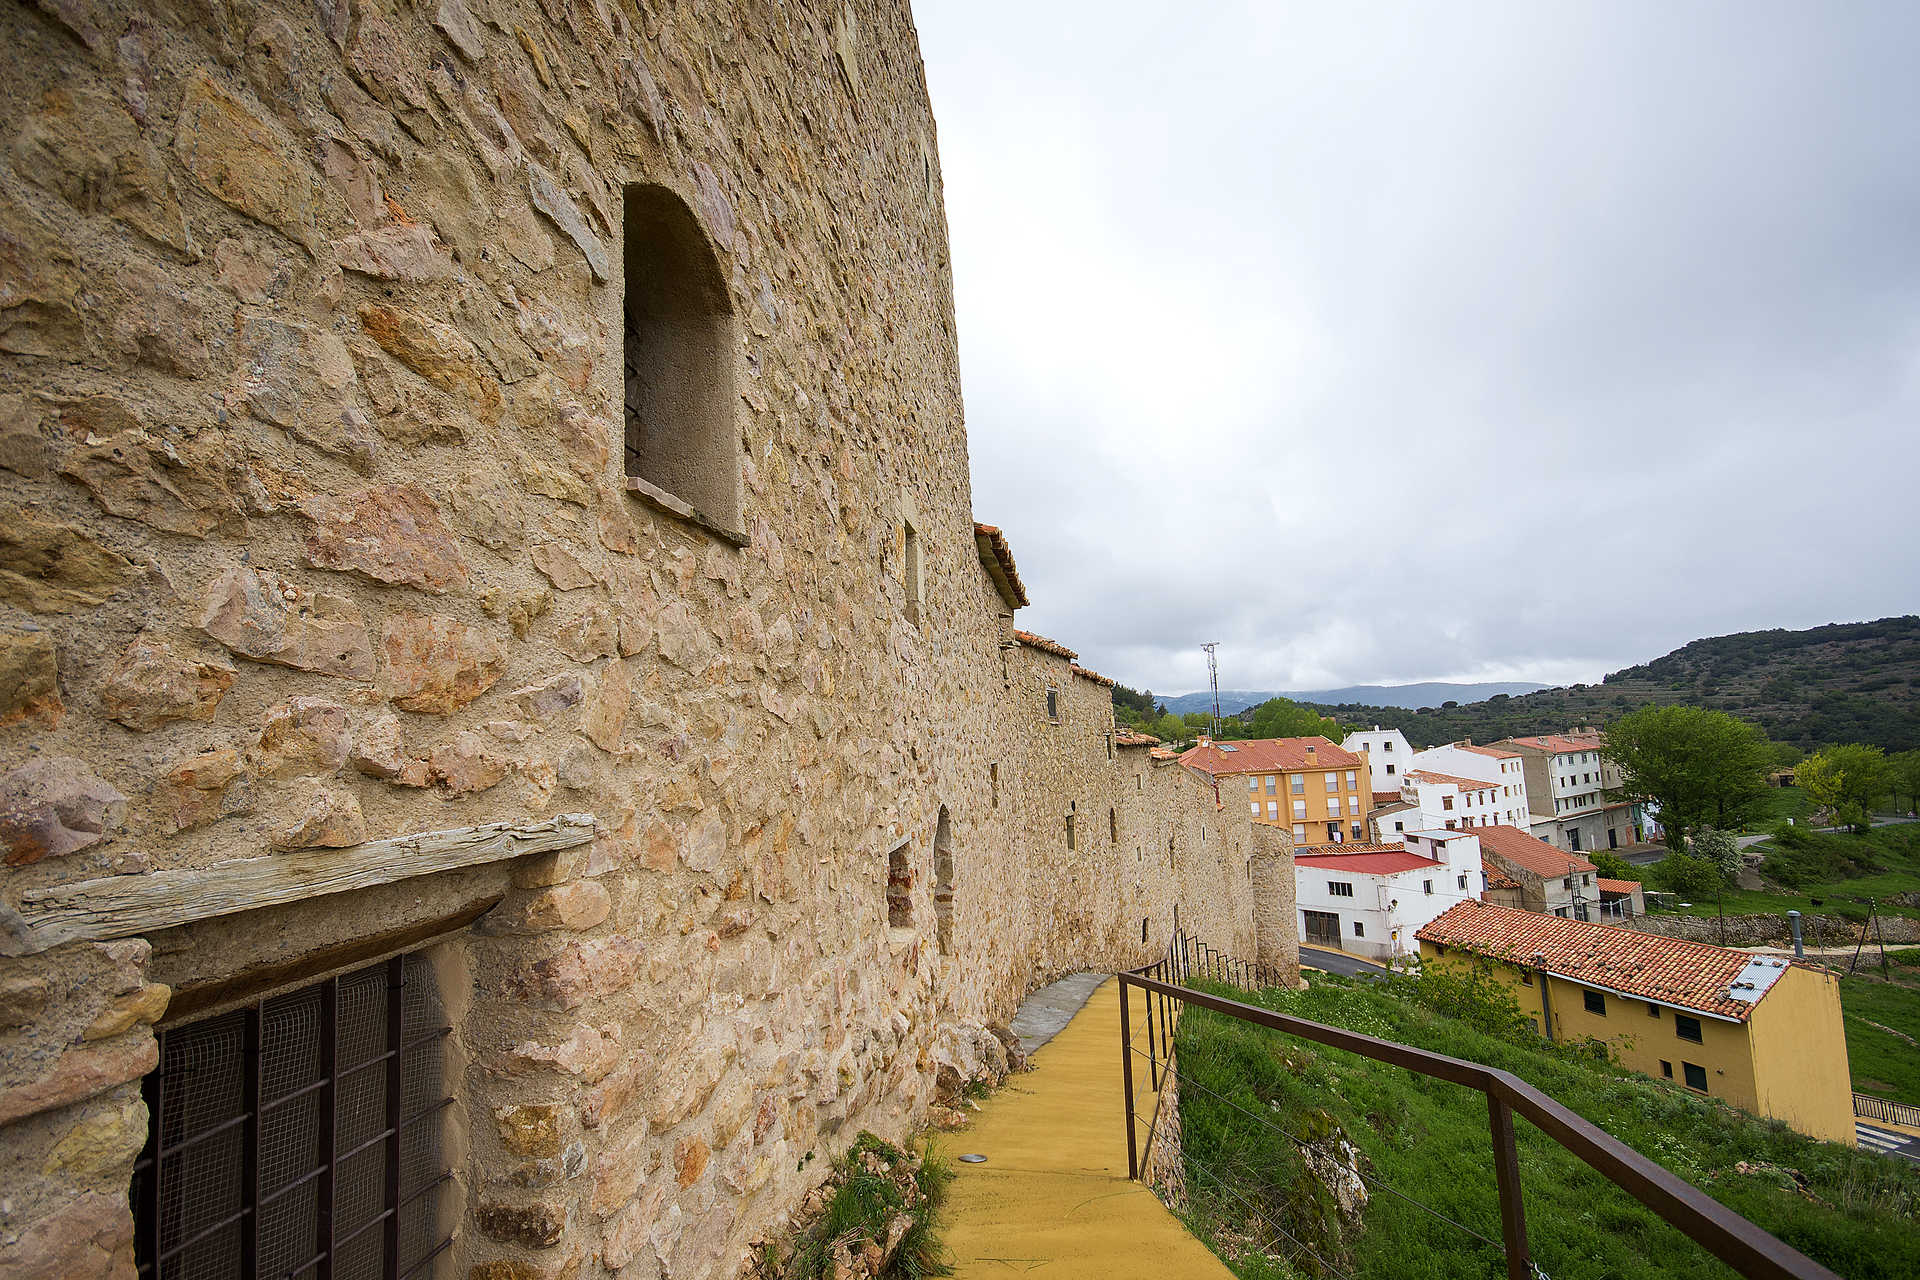 Burgs Und Monumente